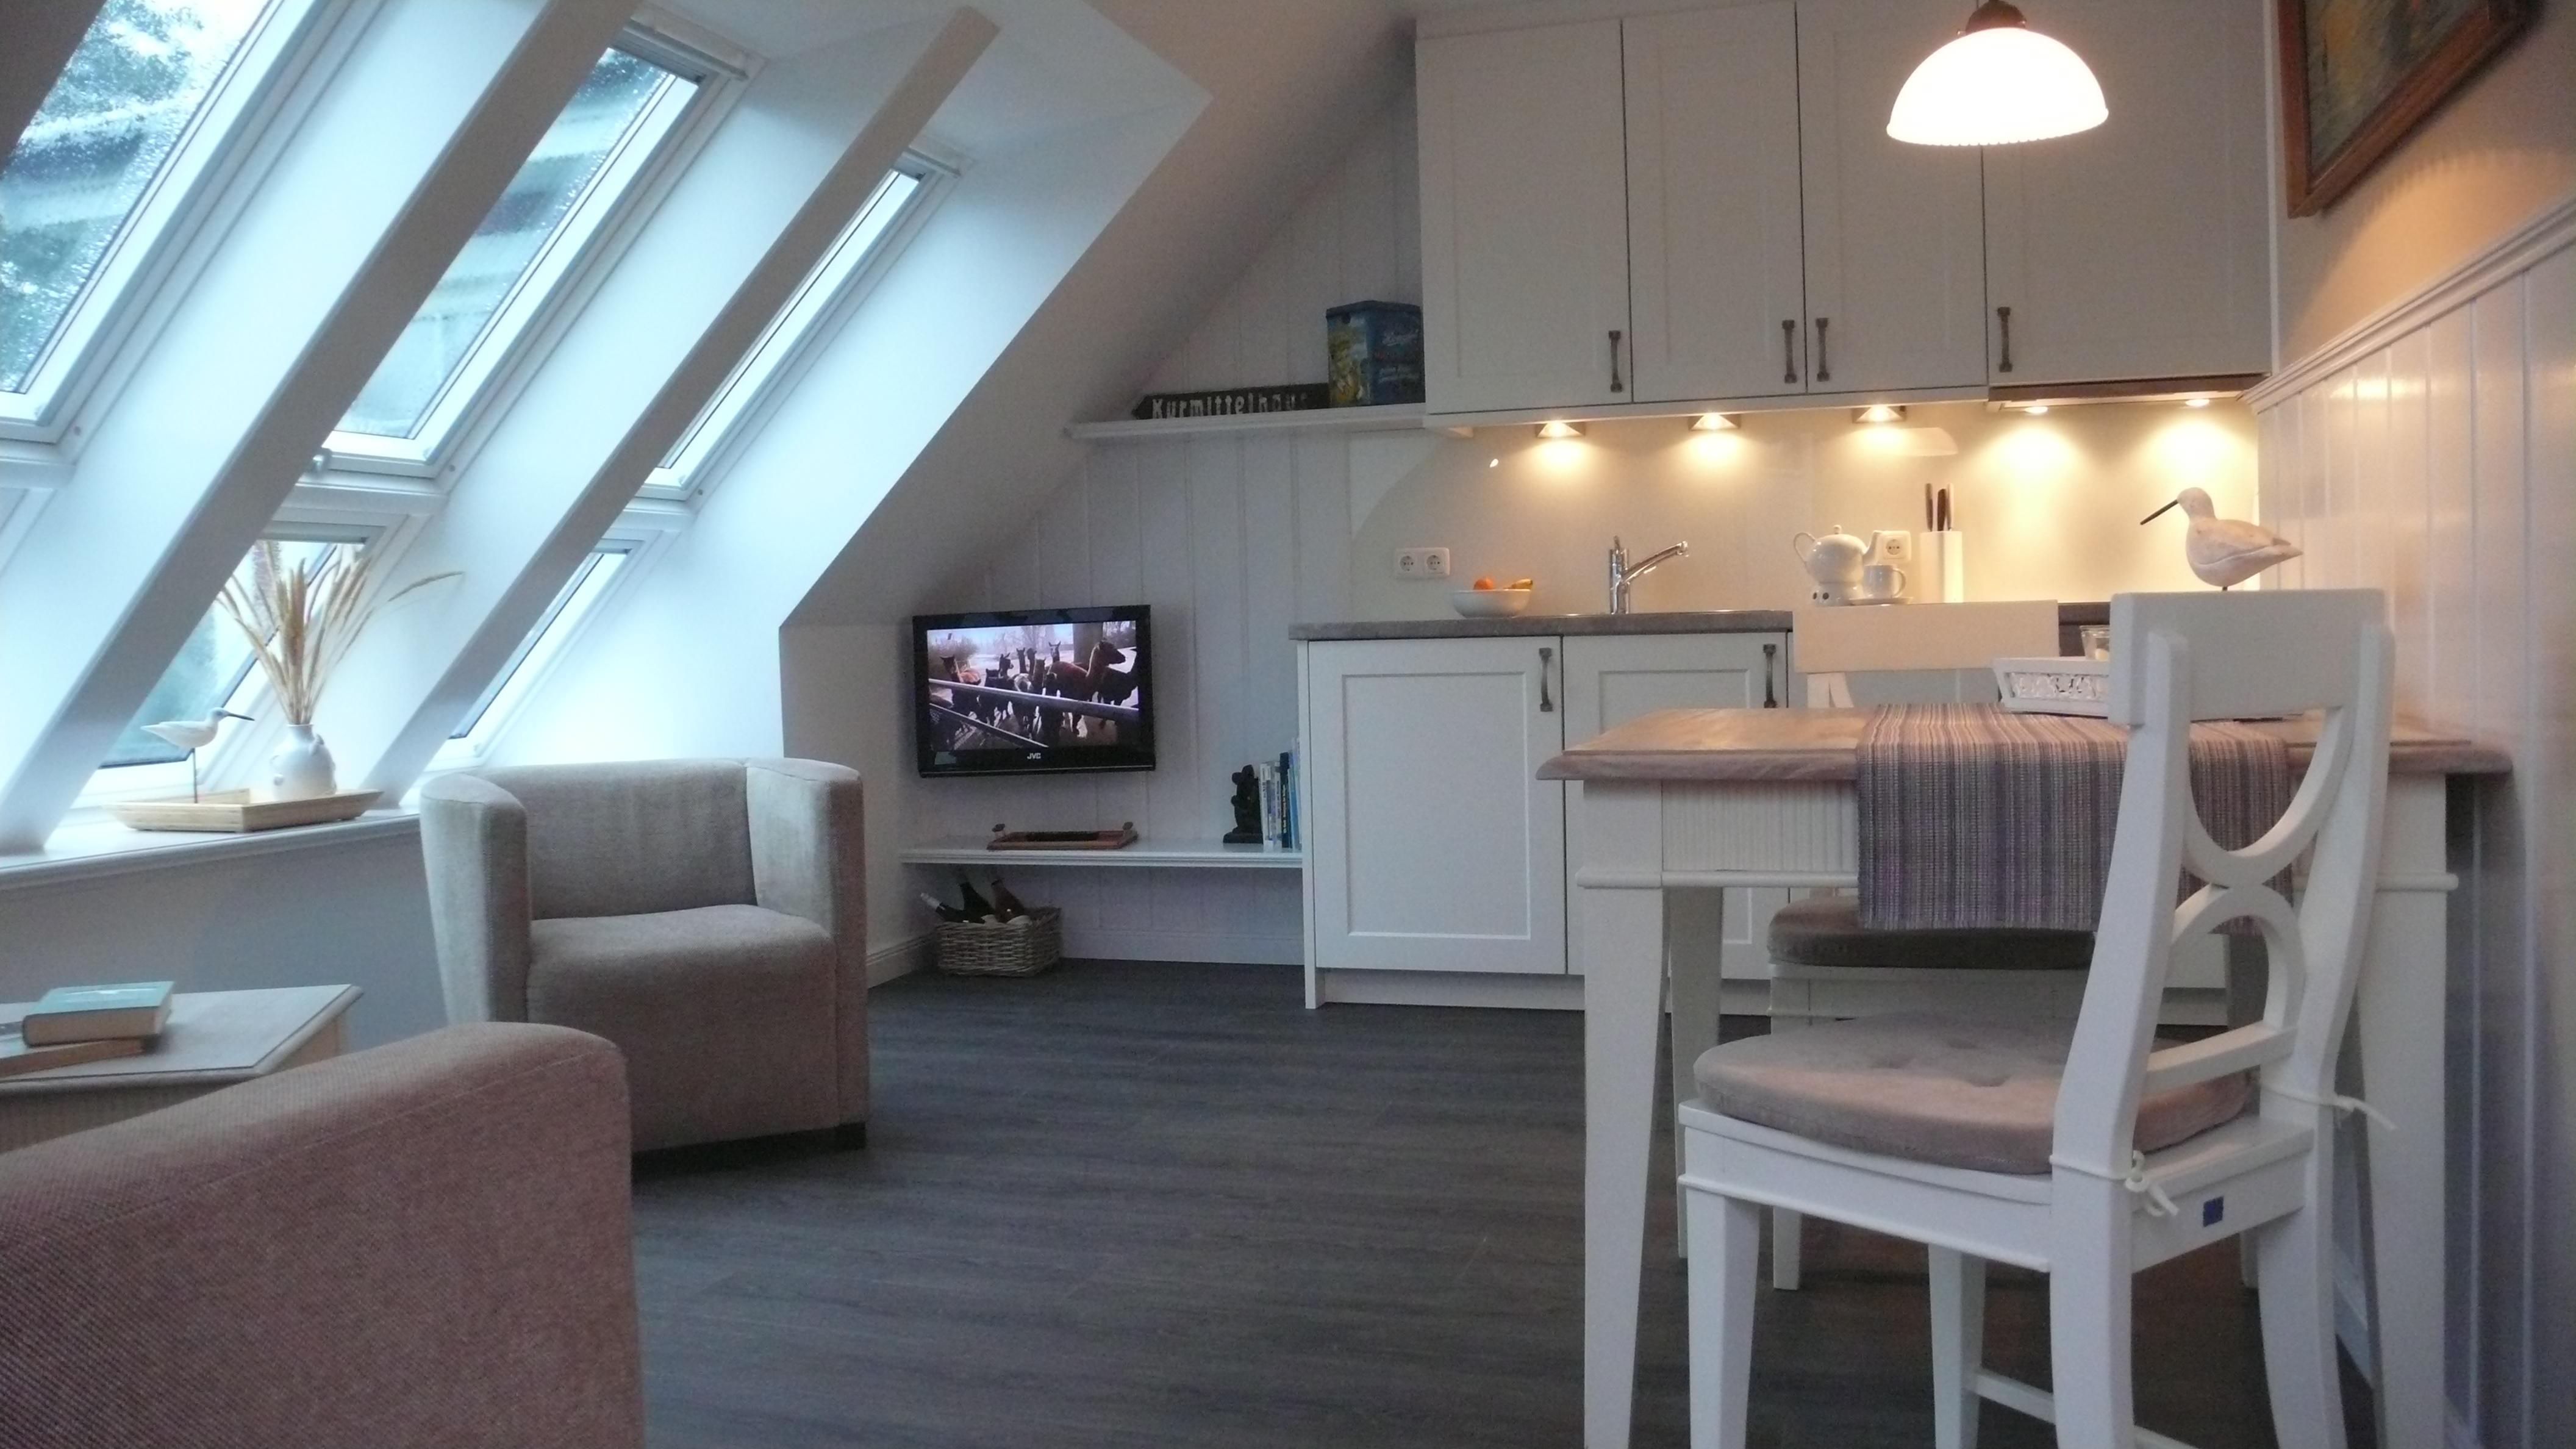 nuurd ferienwohnung 3 h rnkh s h ske. Black Bedroom Furniture Sets. Home Design Ideas